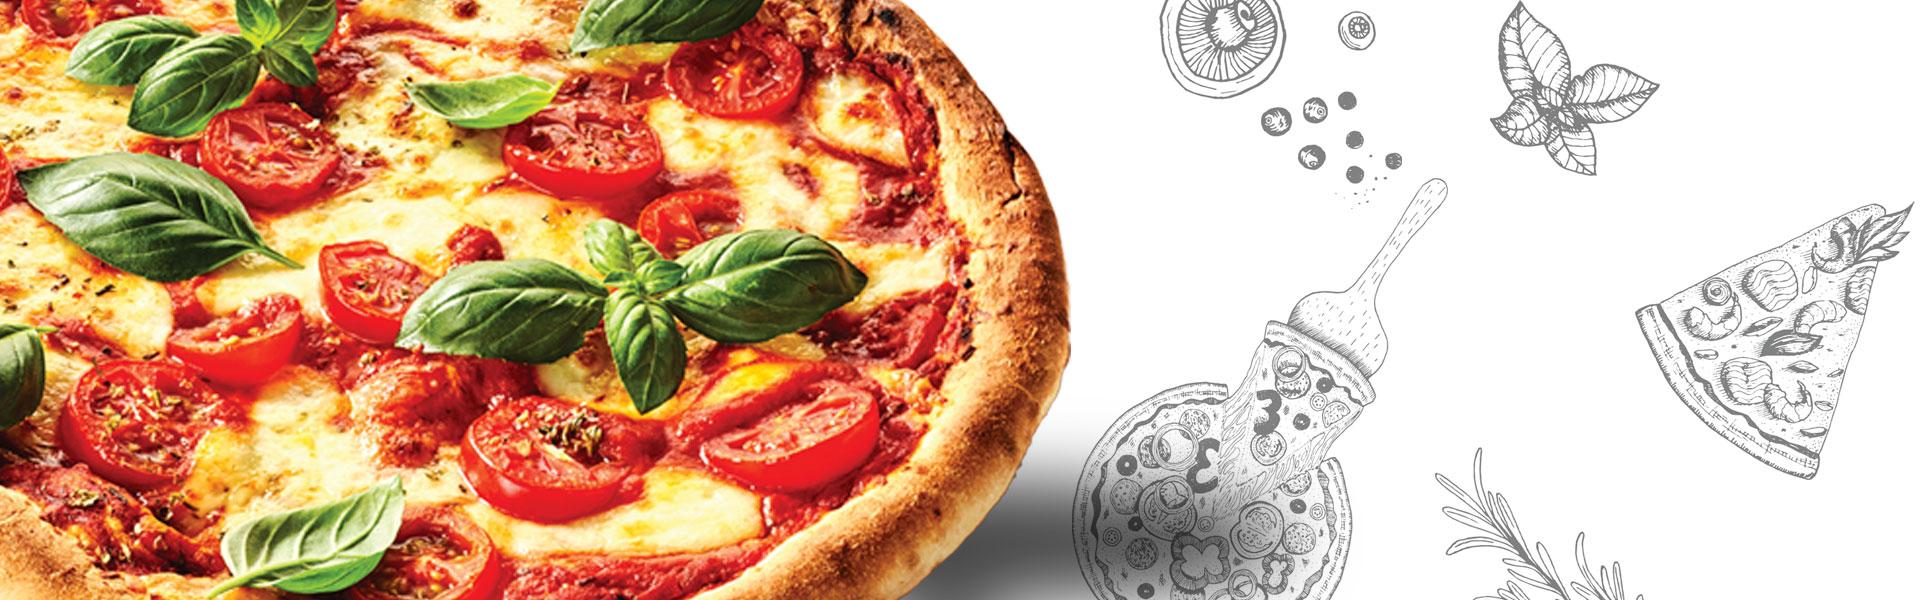 Пицца-в-подарок2